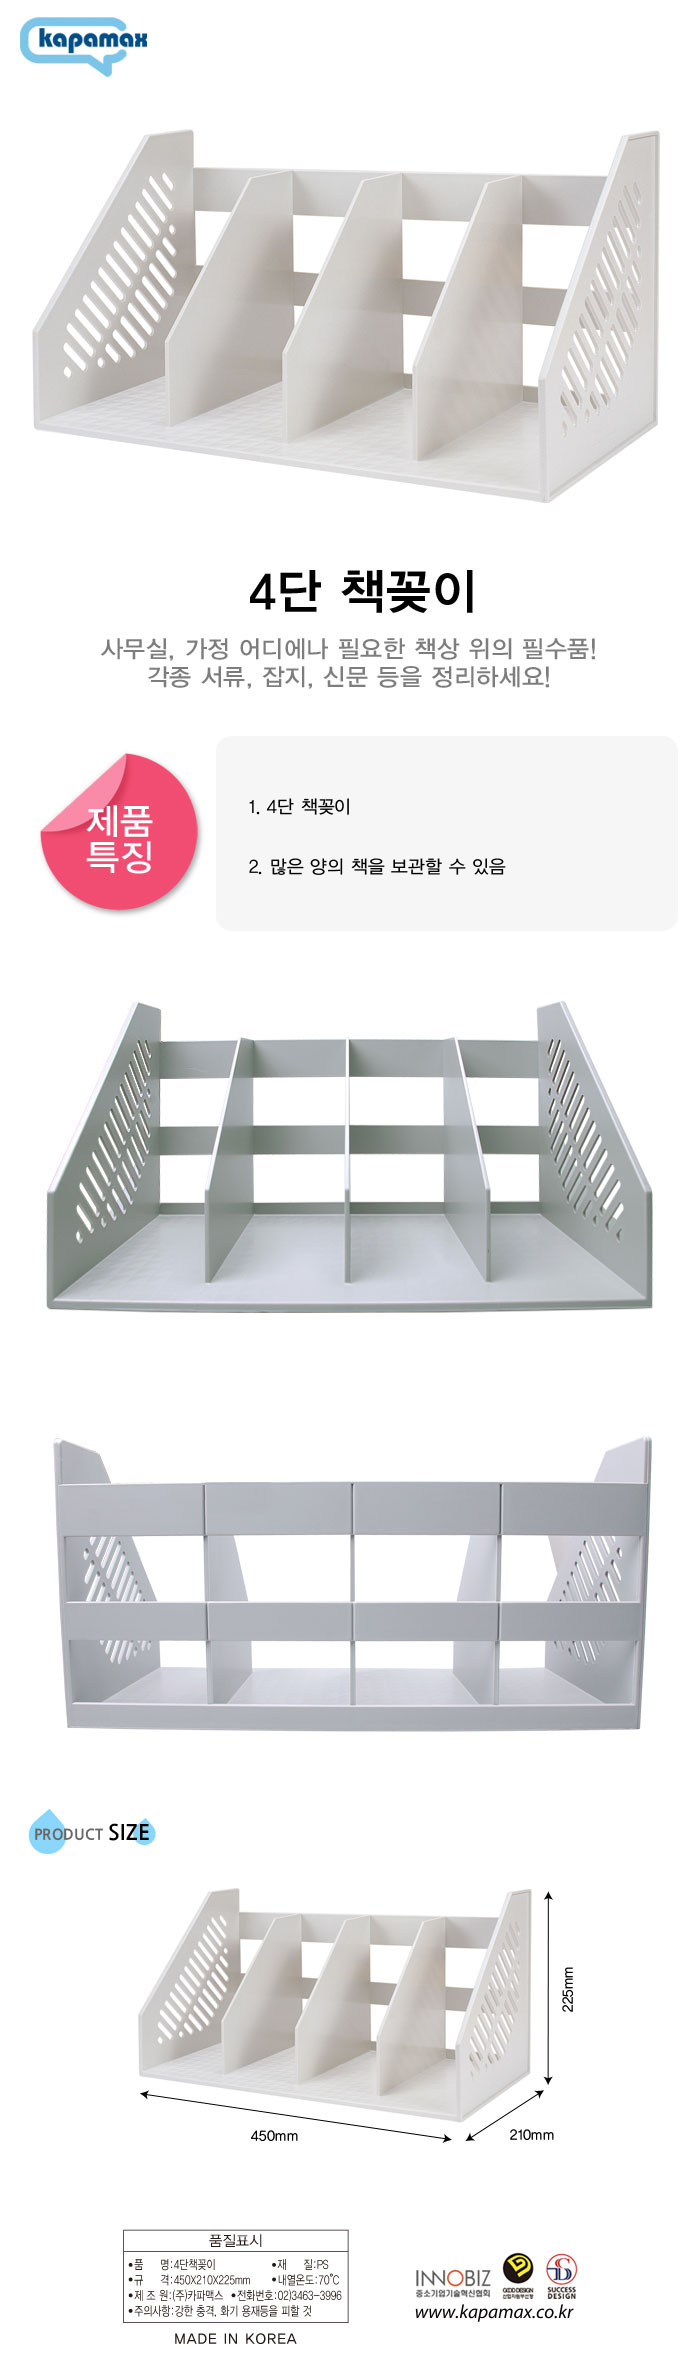 책꽂이(4단/카파맥스) - 오피스디포, 7,100원, 독서용품, 북앤드